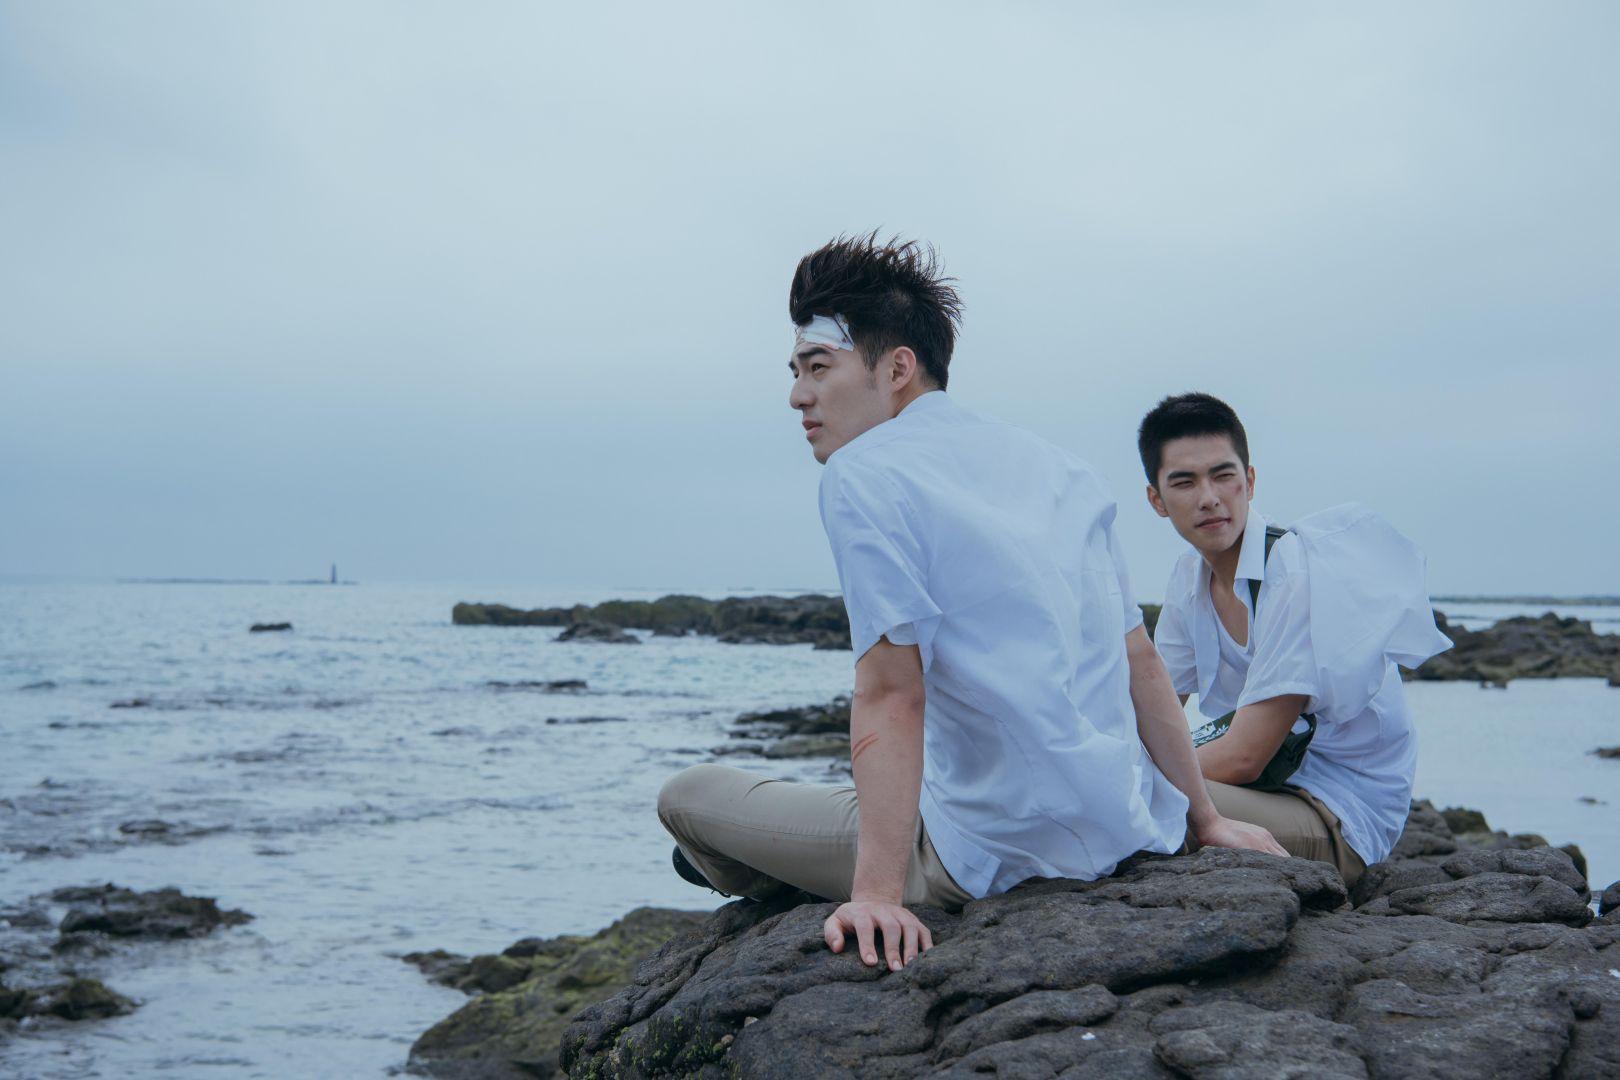 《刻在你心底的名字》陳昊森(右)與曾敬驊遠赴澎湖無人島對戲_氧氣電影提供